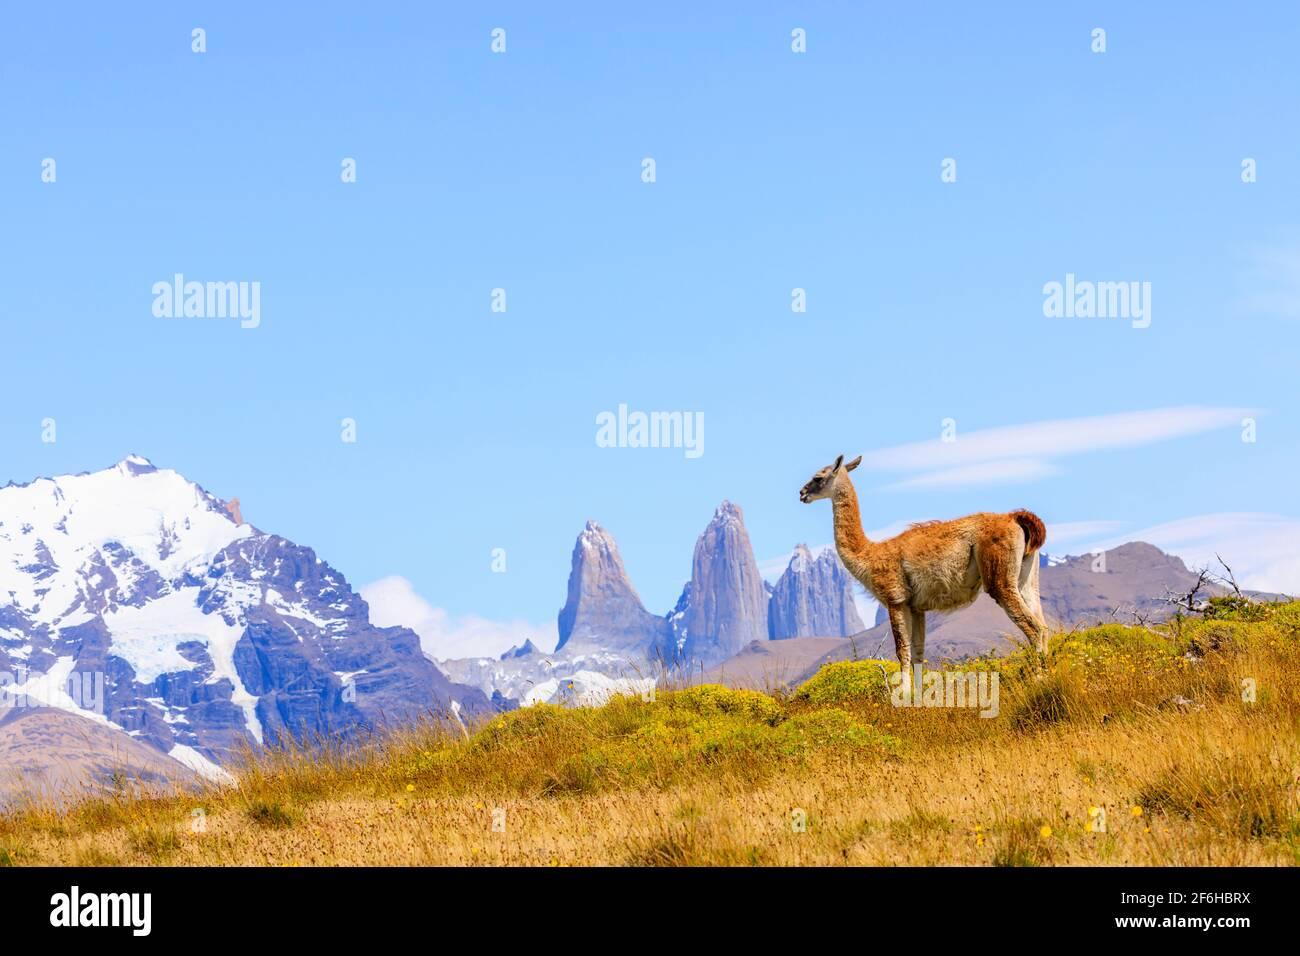 Guanaco (Lama guanicoe) de pie sobre una colina junto a las Torres del Paine, Parque Nacional Torres del Paine, Ultima Esperanza, Patagonia, sur de Chile Foto de stock